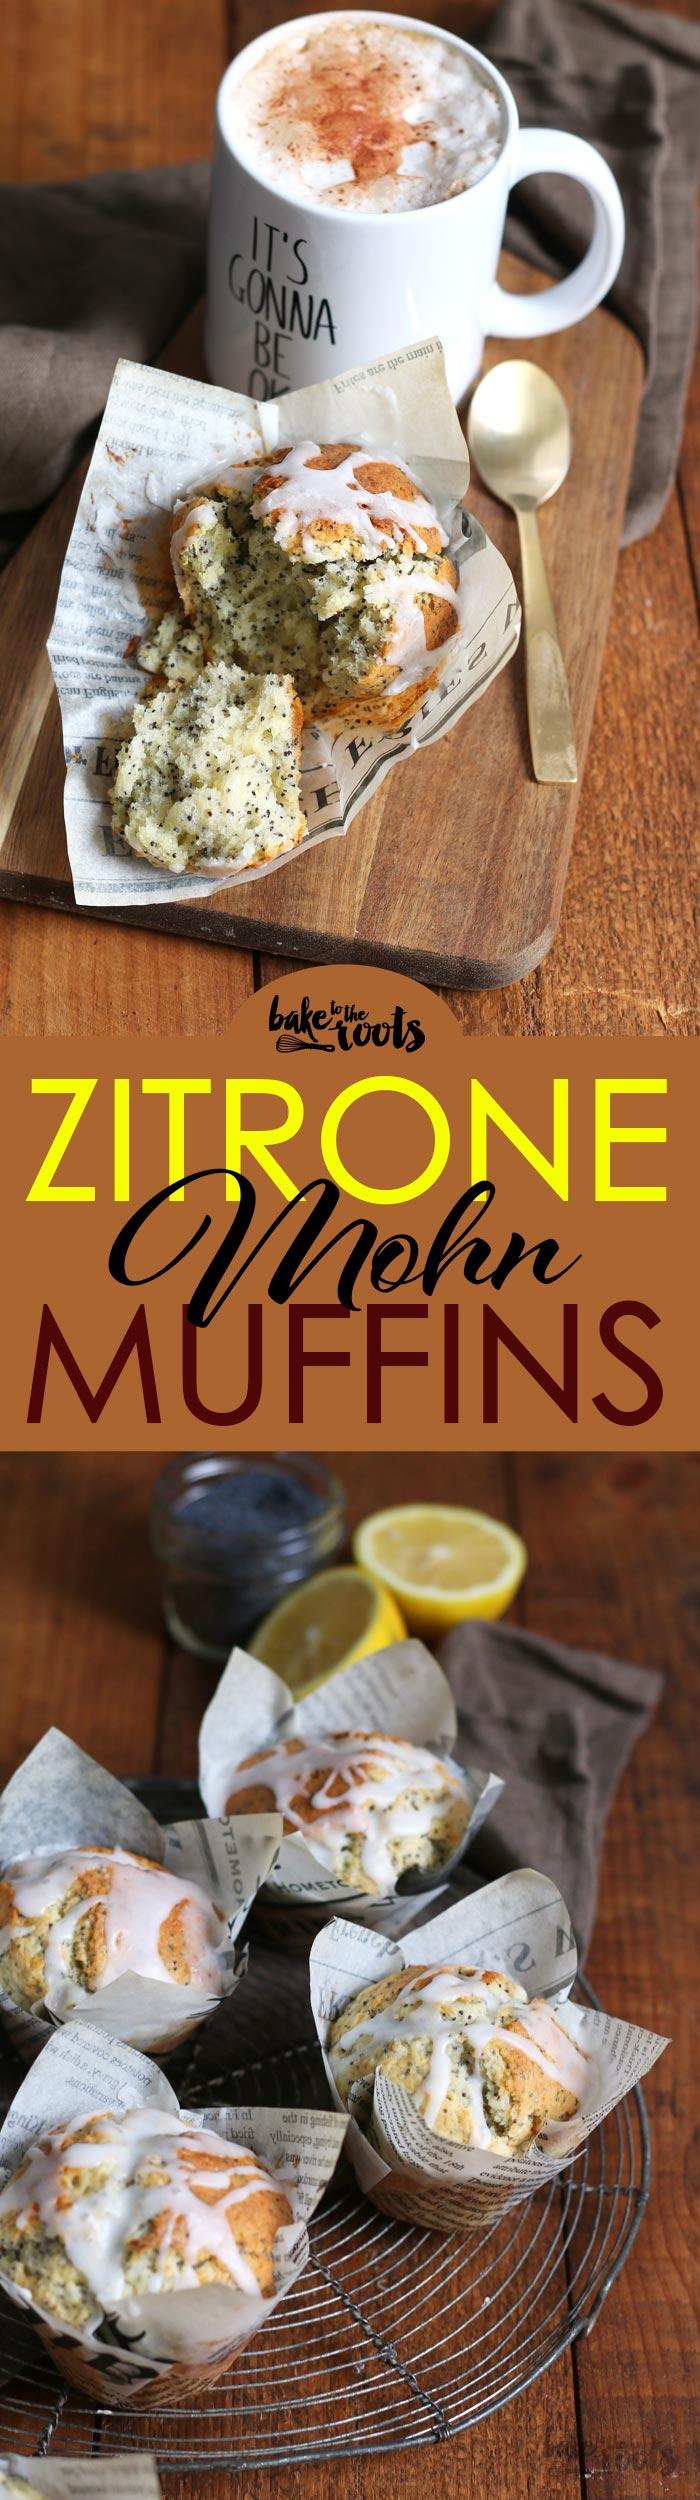 Leckere Zitrone Mohn Muffins, wie man sie aus dem Coffee Shop kennt | Bake to the roots